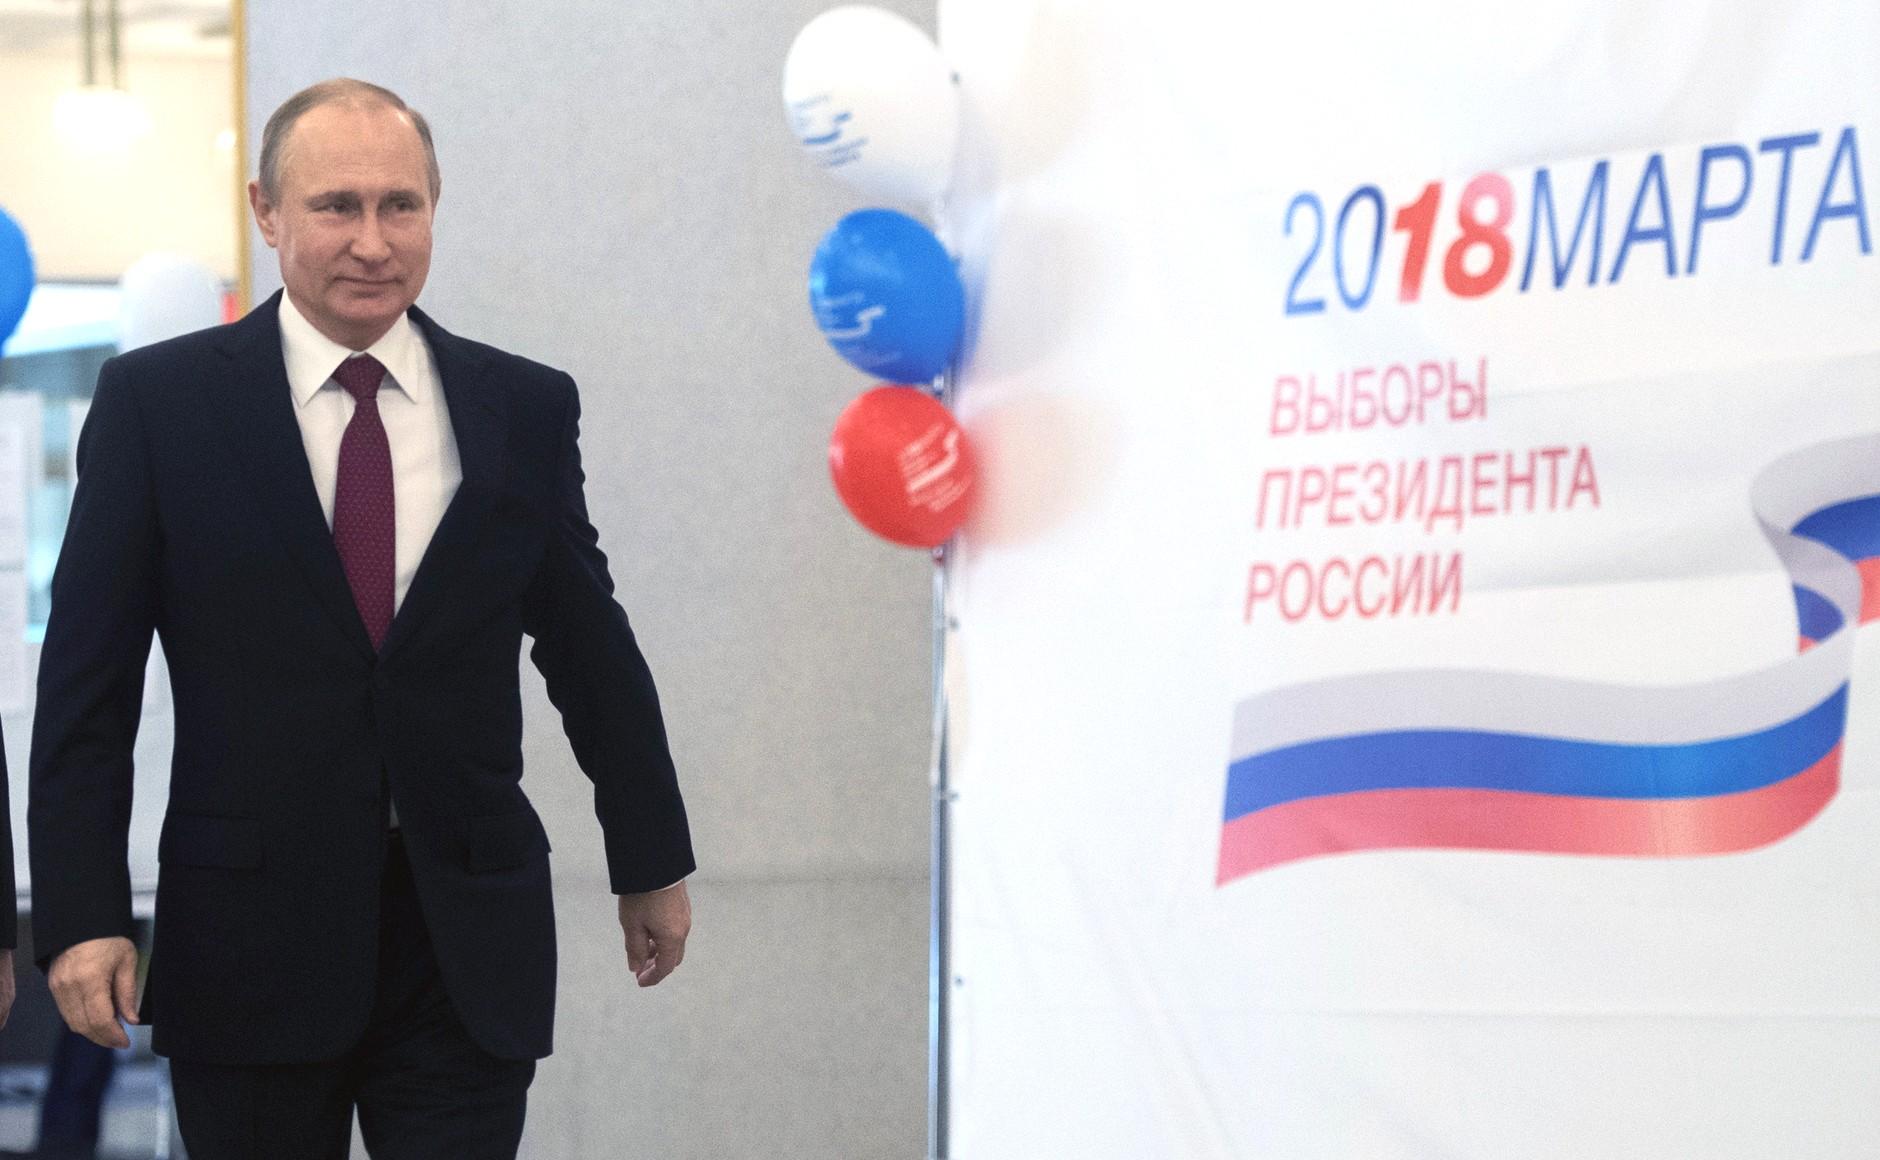 ЦИК опубликовал окончательные итоги президентских выборов